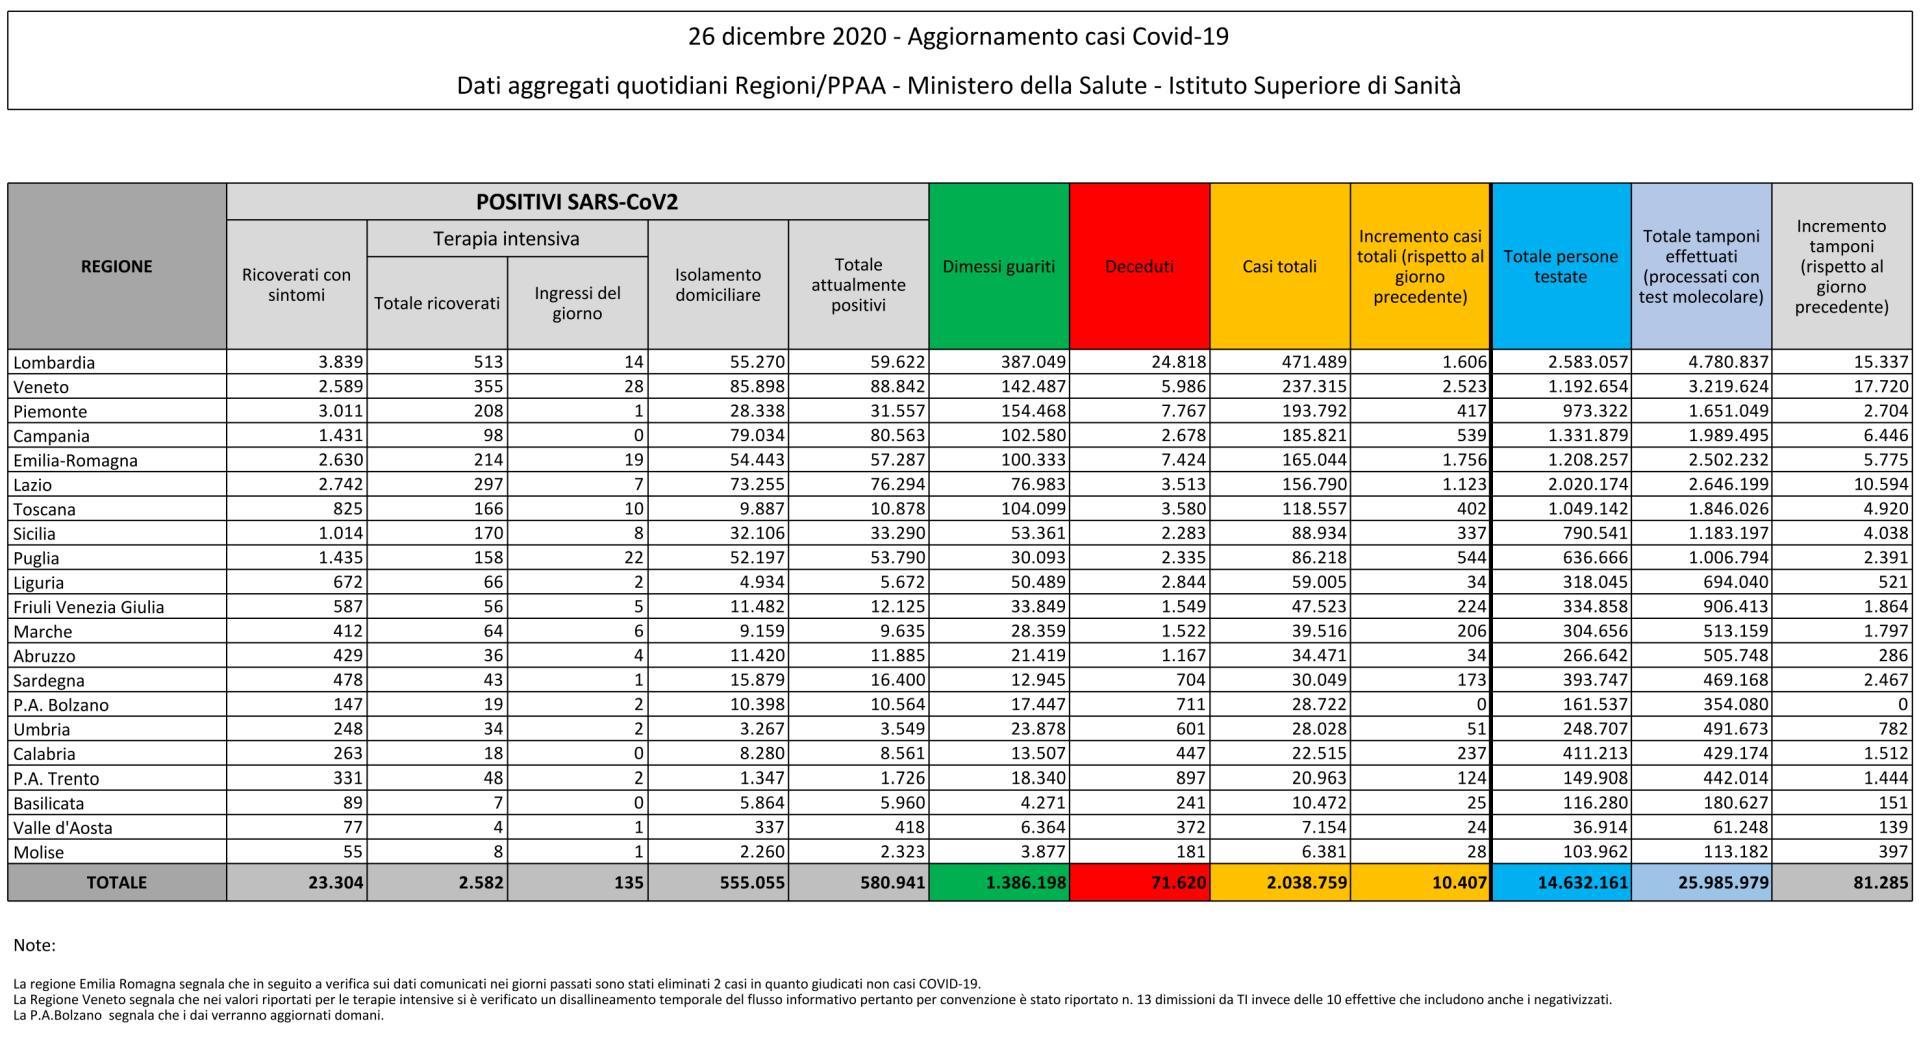 26 dicembre 2020 - Aggiornamento casi Covid-19 Dati aggregati quotidiani Regioni/PPAA - Ministero della Salute - Istituto Superiore di Sanità